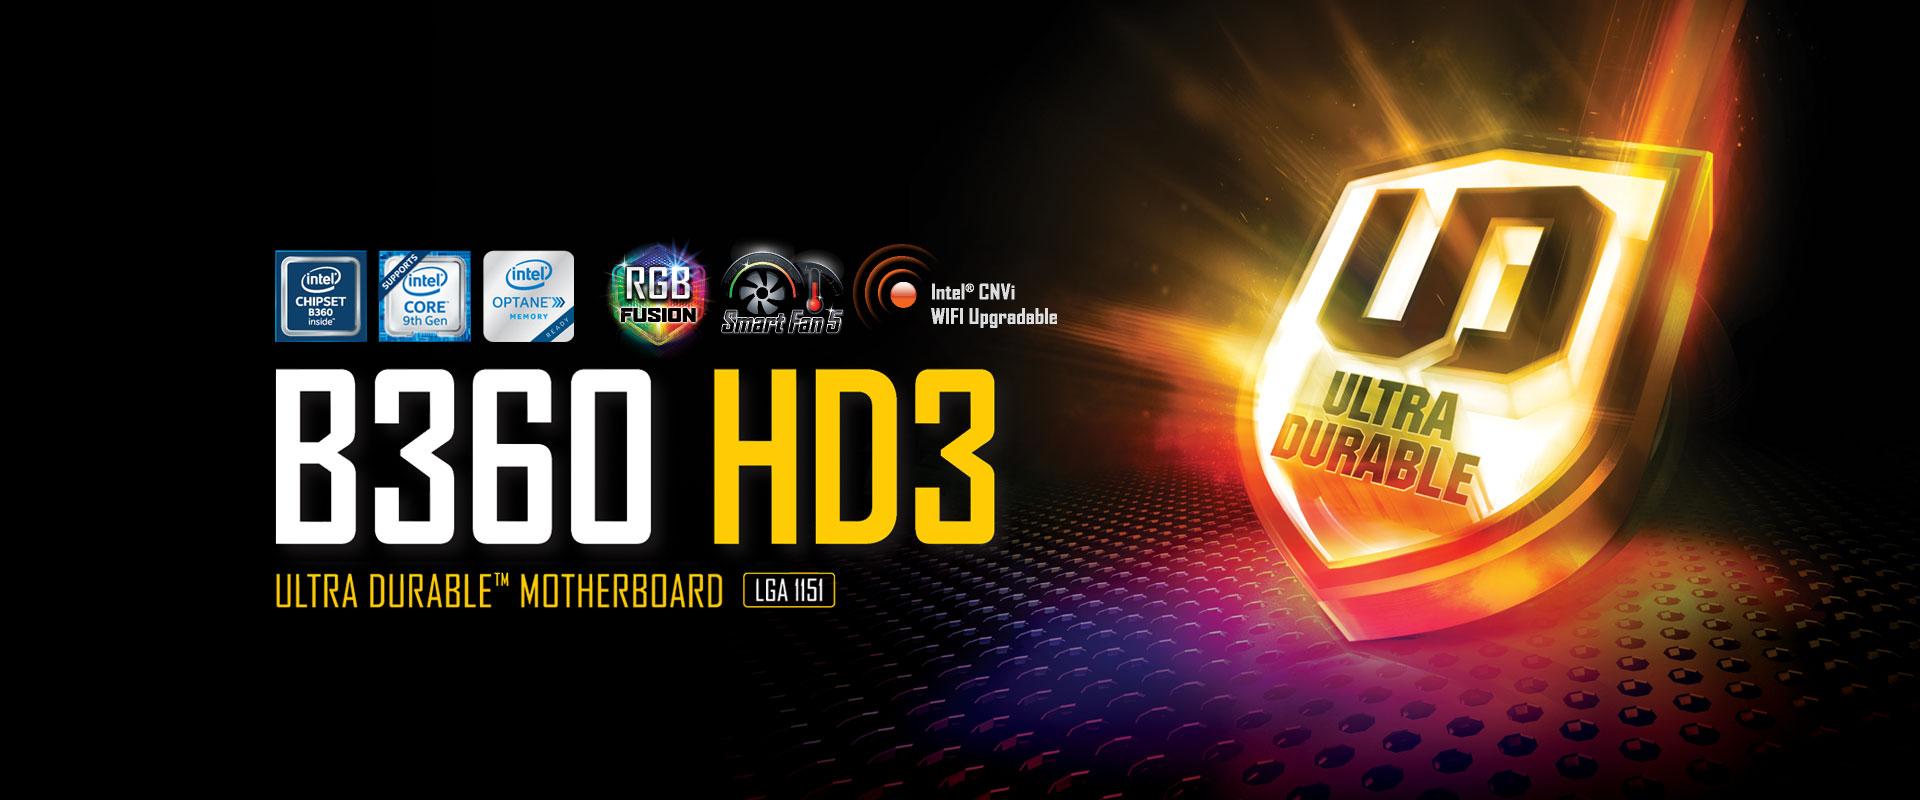 B360 Hd3 32153 Pcie Wi Fi Chip 1